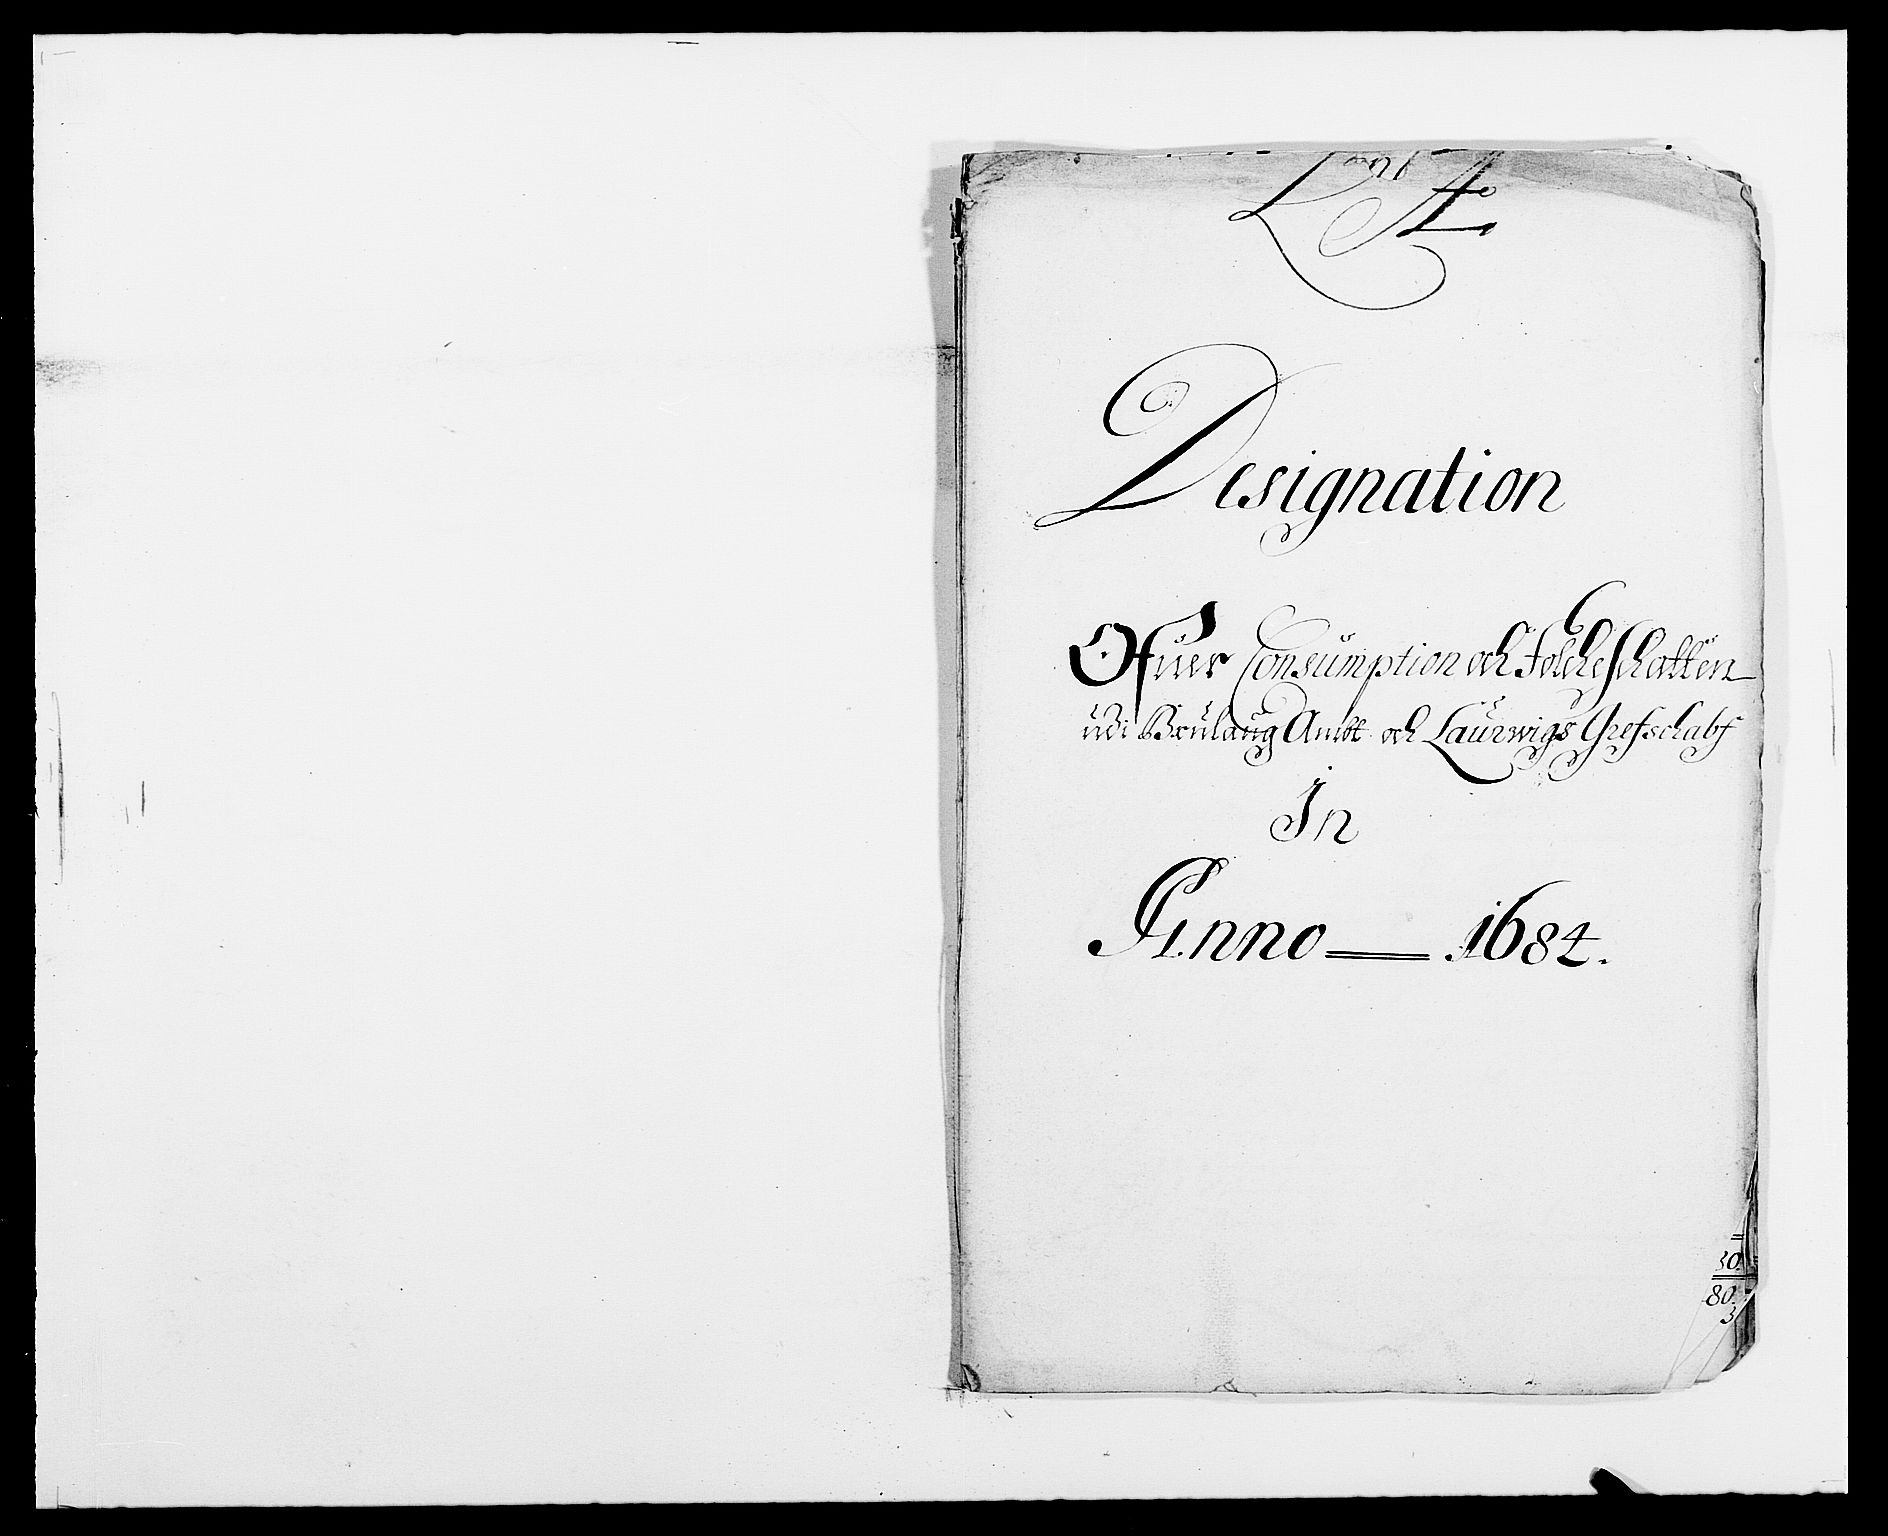 RA, Rentekammeret inntil 1814, Reviderte regnskaper, Fogderegnskap, R33/L1969: Fogderegnskap Larvik grevskap, 1675-1687, s. 420